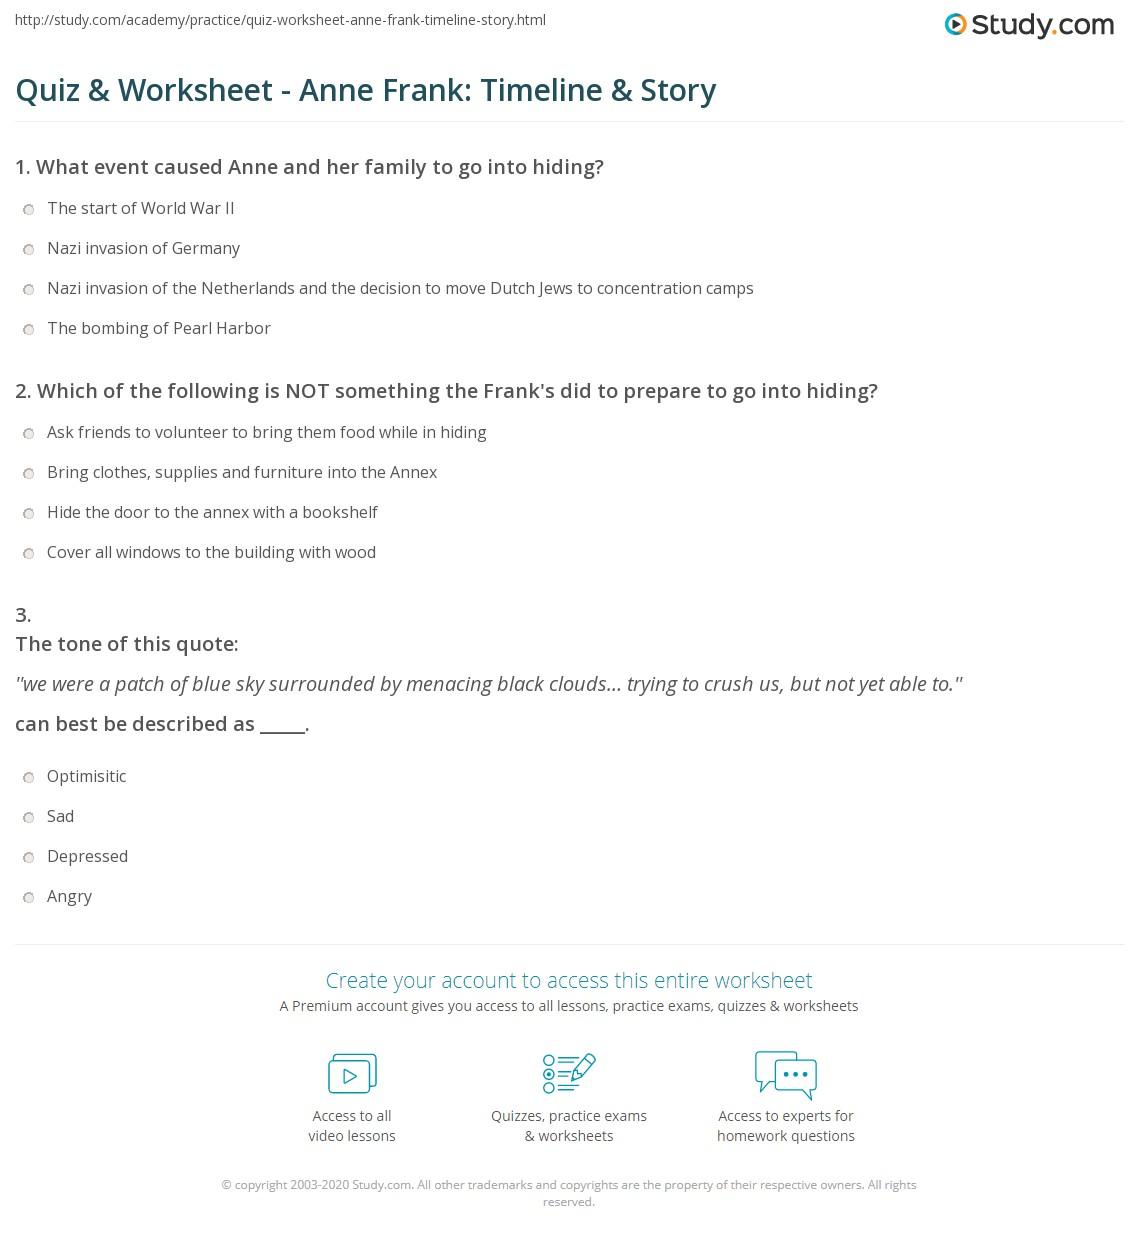 Anne Frank Timeline Worksheet